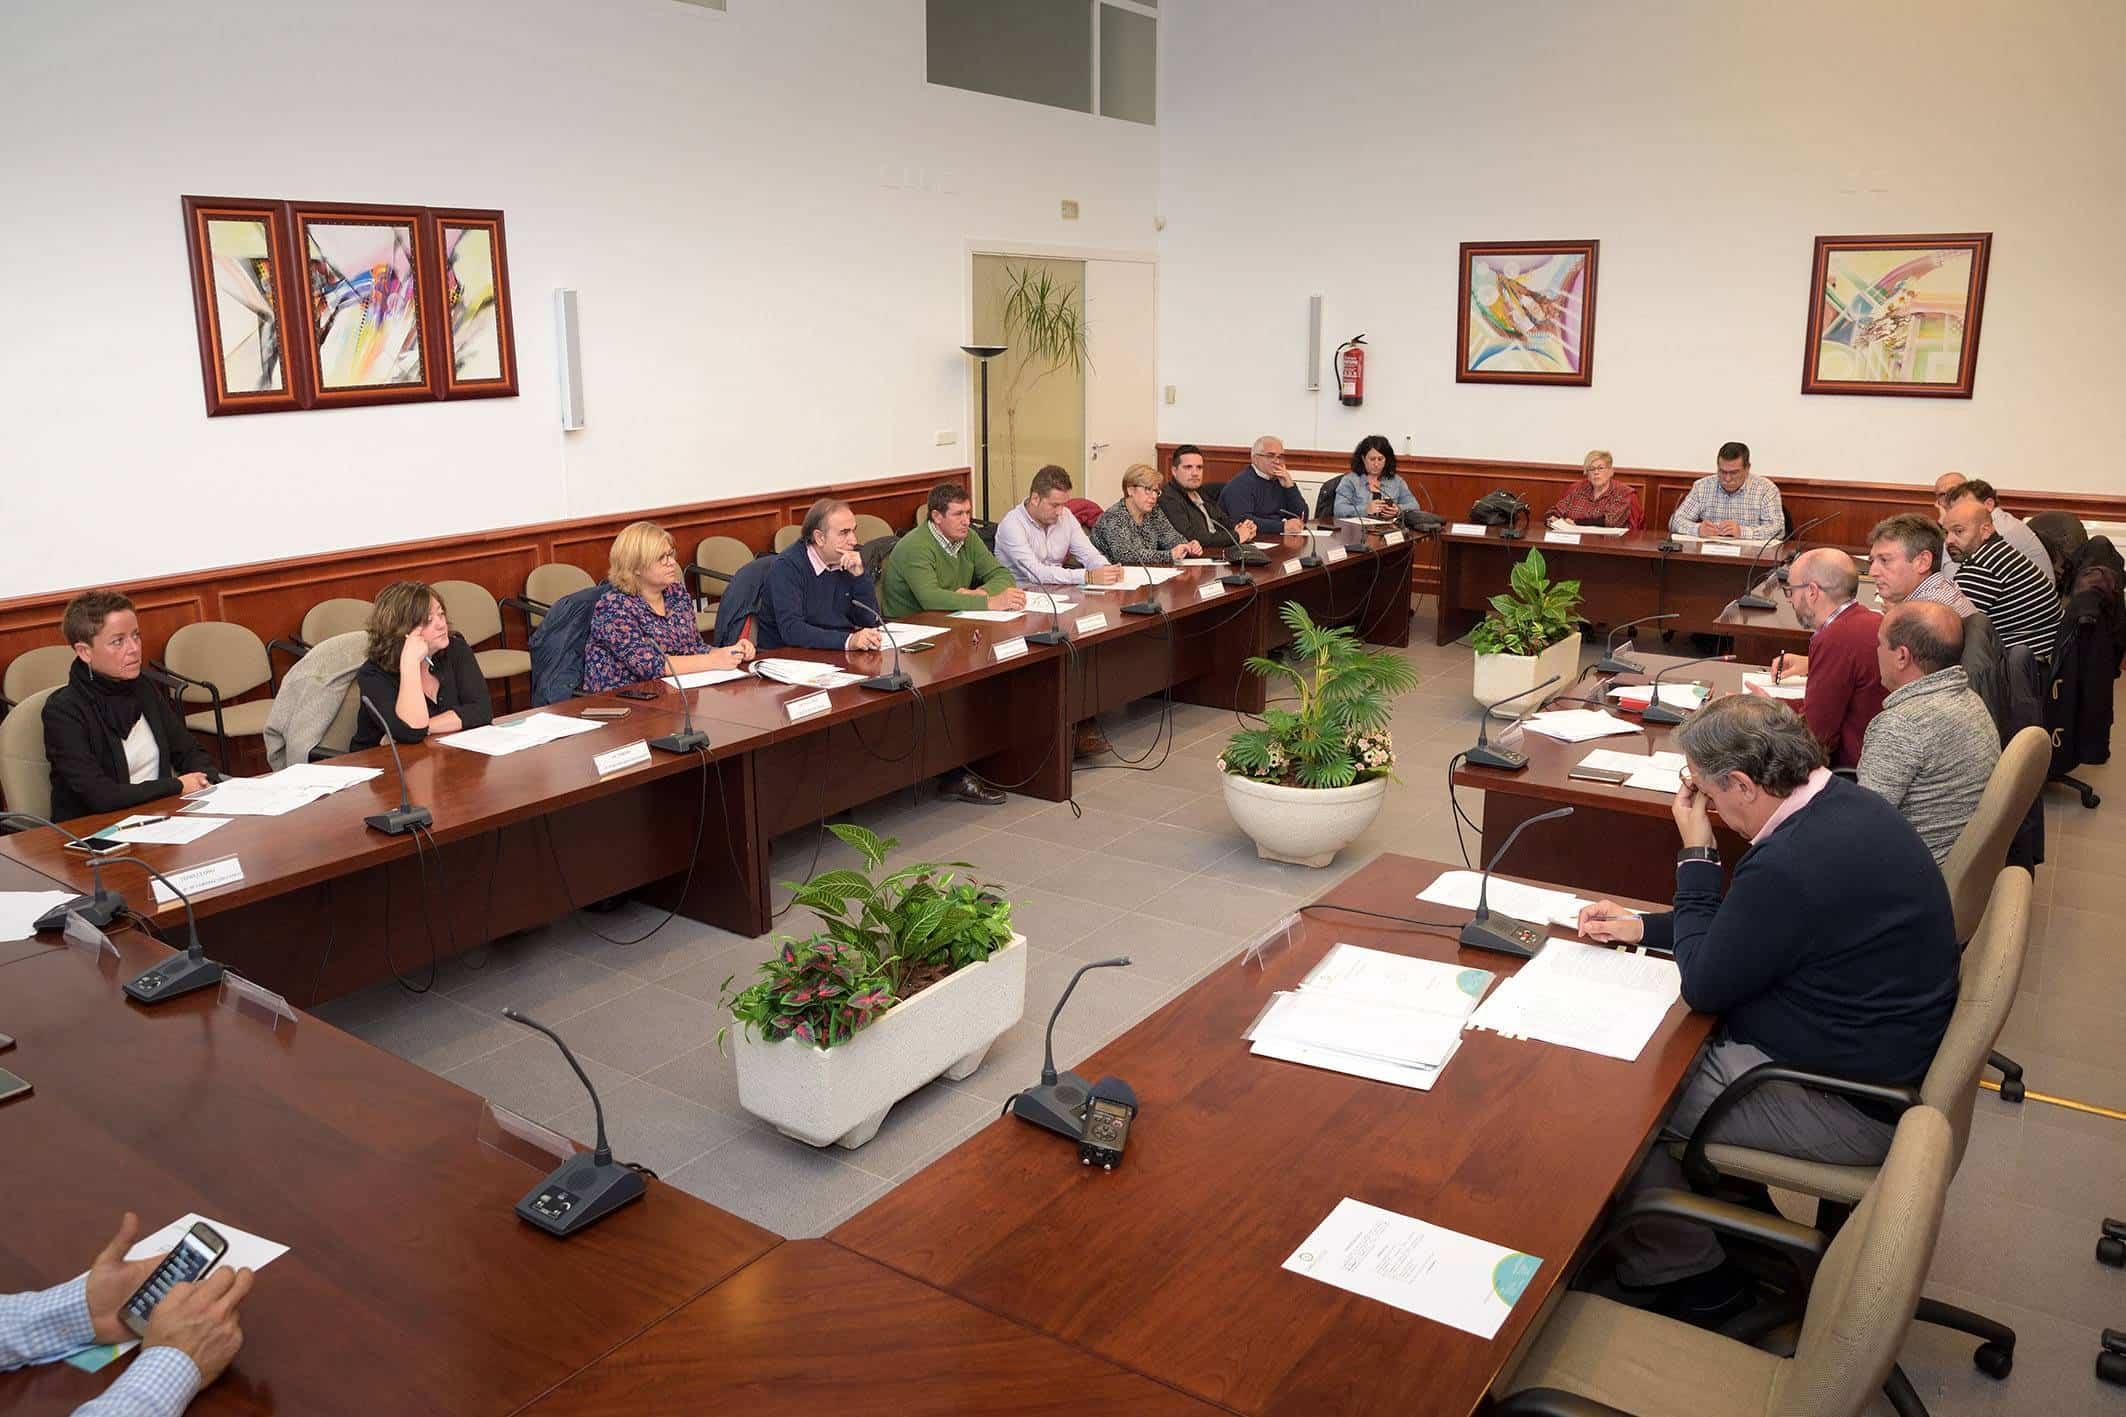 20181107 Pleno Comsermancha - Comsermancha aprueba de forma inicial un presupuesto superior a 10 millones de euros para 2019